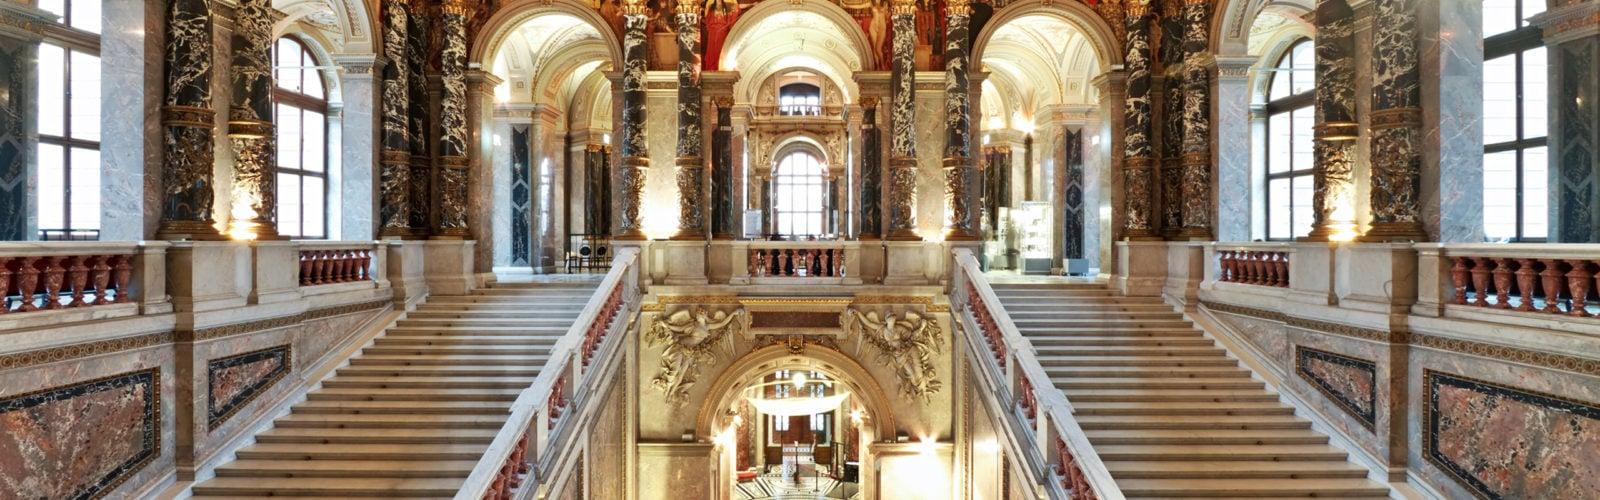 palace-staircase-kunthistorisches-museum-vienna-austria